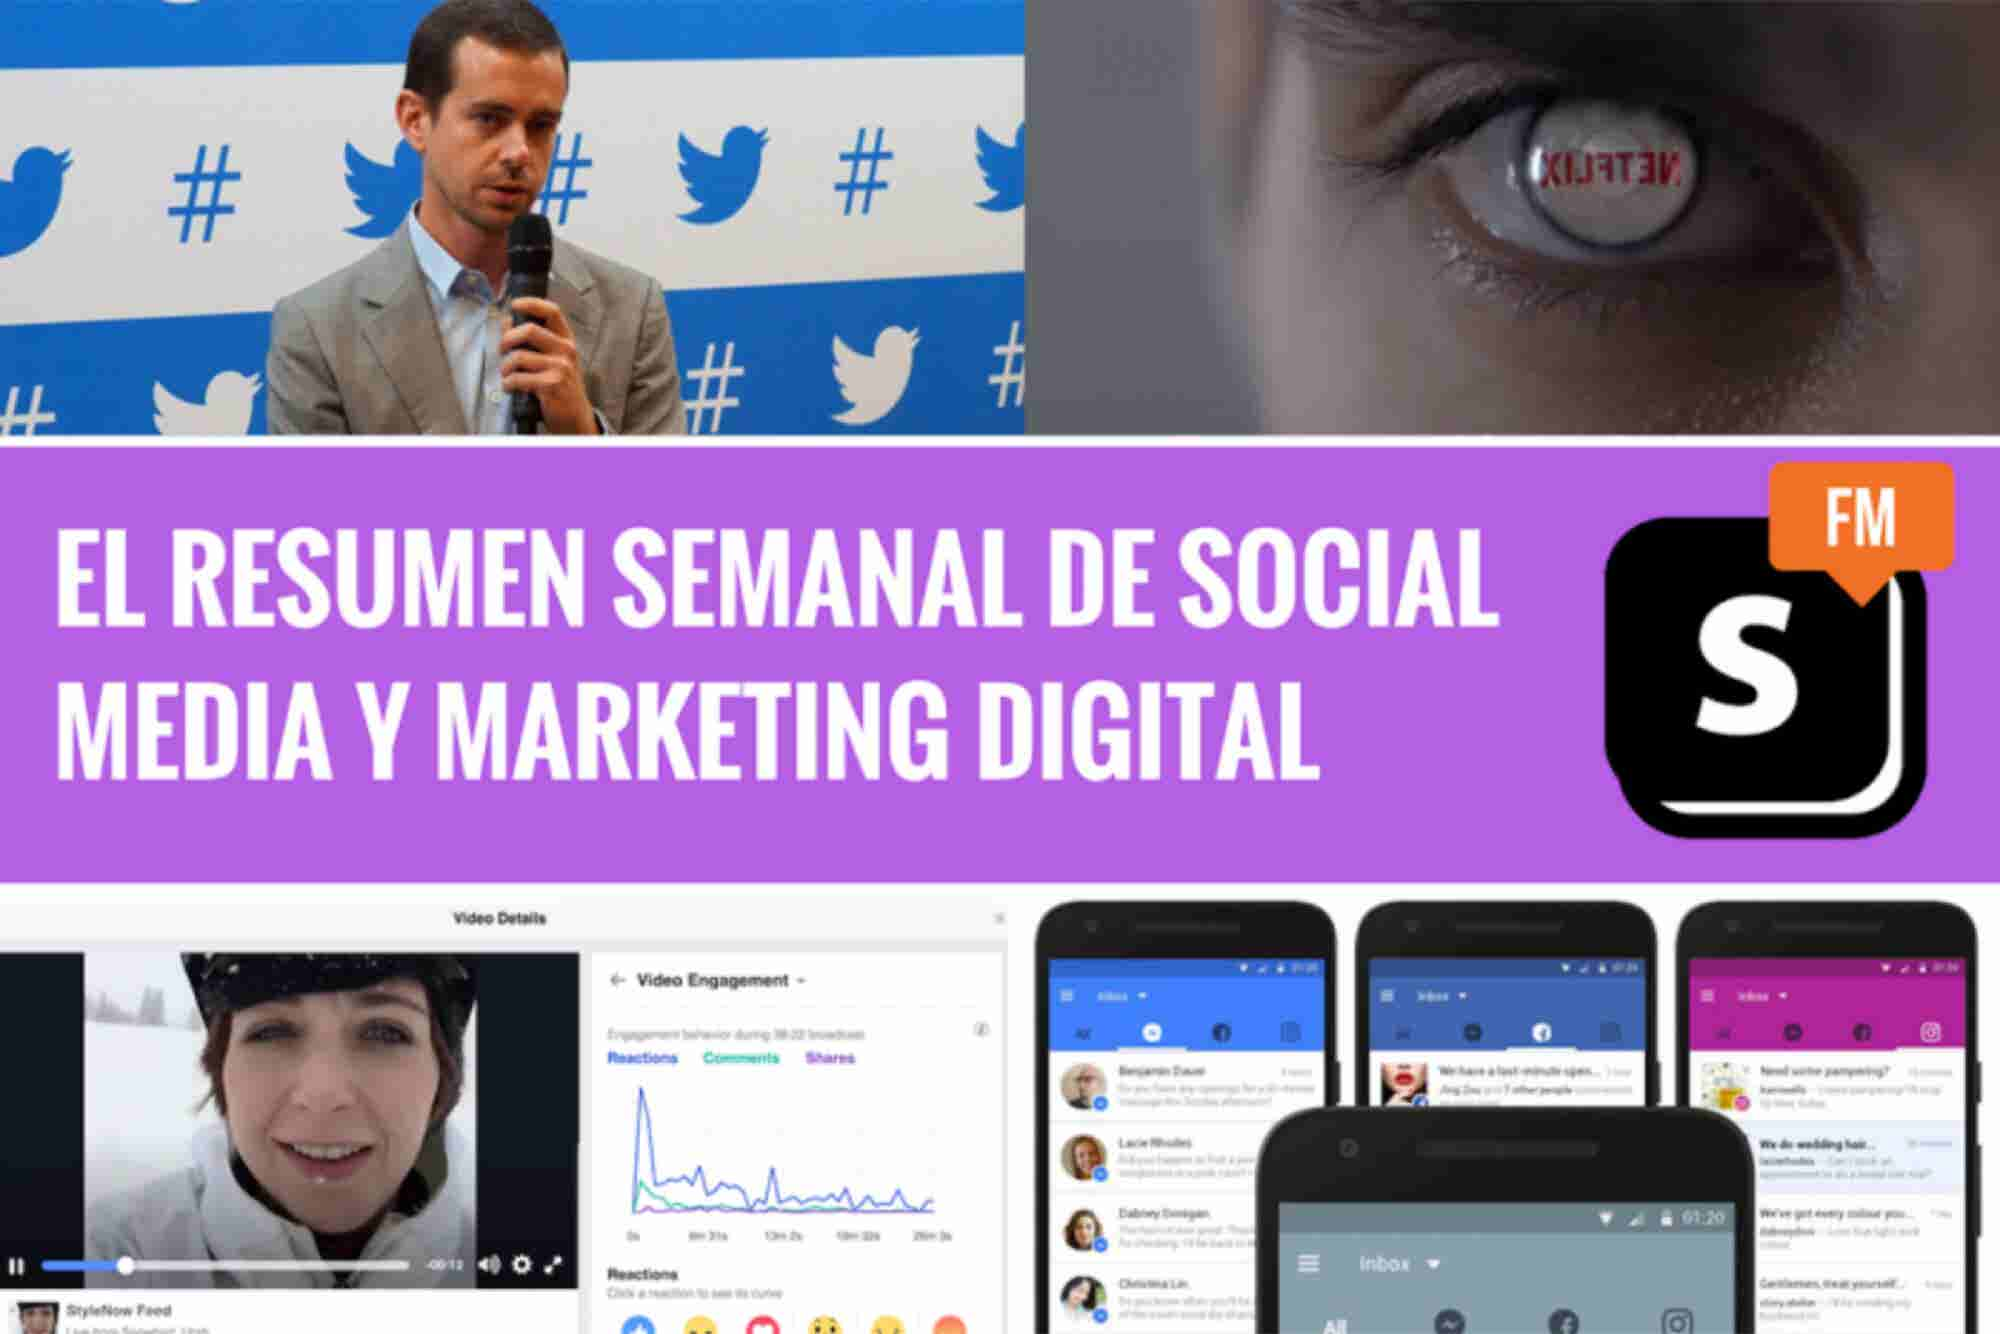 Social.FM: Twitter y Facebook en crisis mediática, ¿lograrán salir?